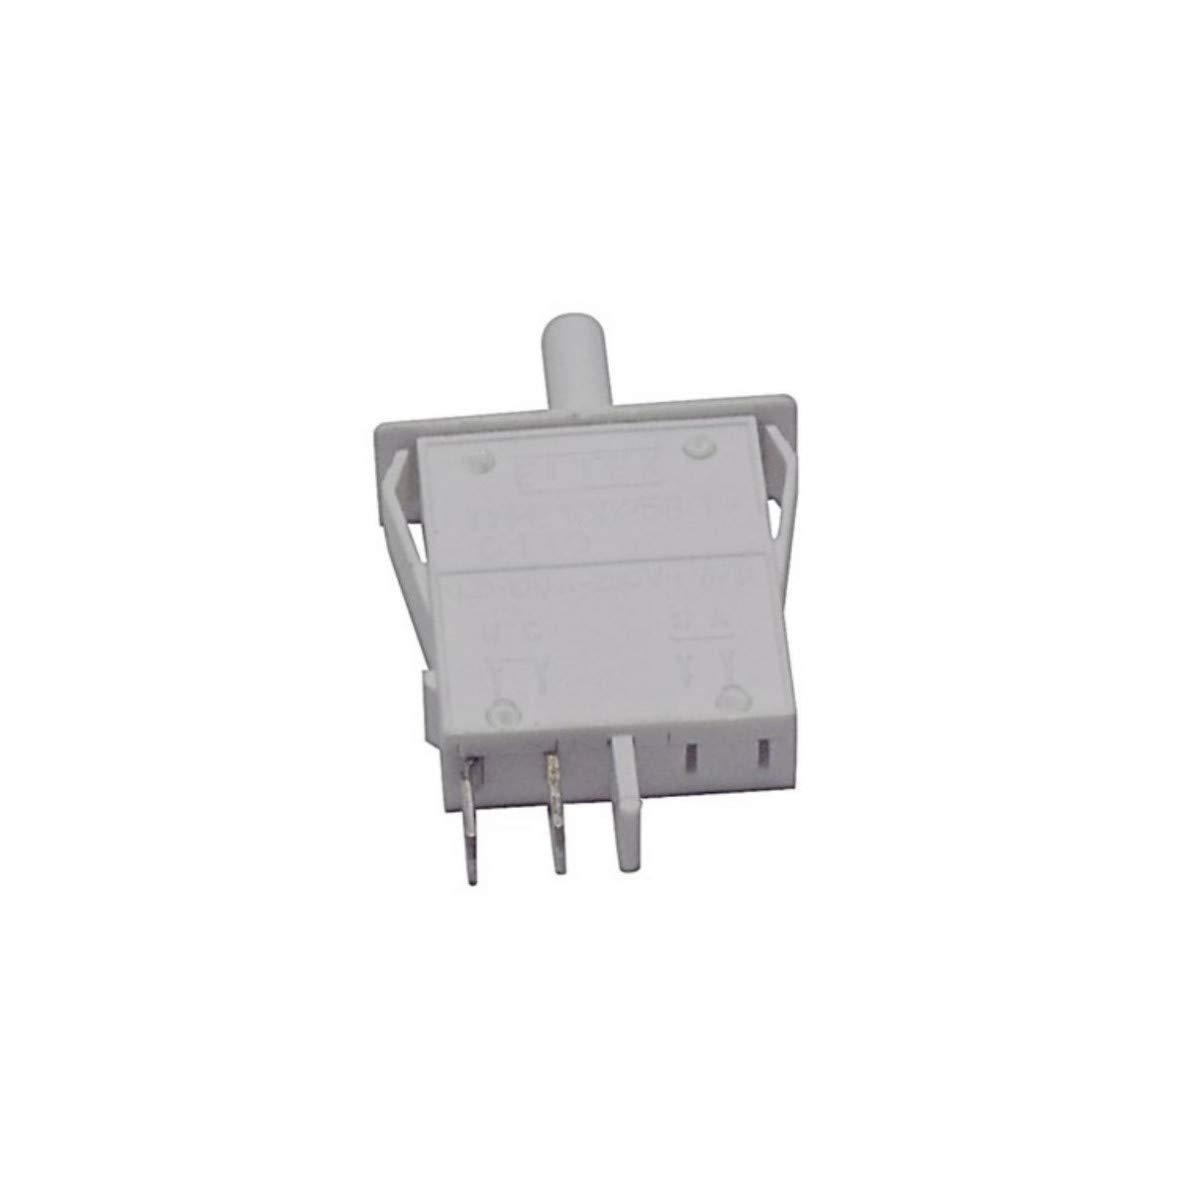 Recamania Interruptor luz frigorífico Balay 3FS3632 171307: Amazon.es